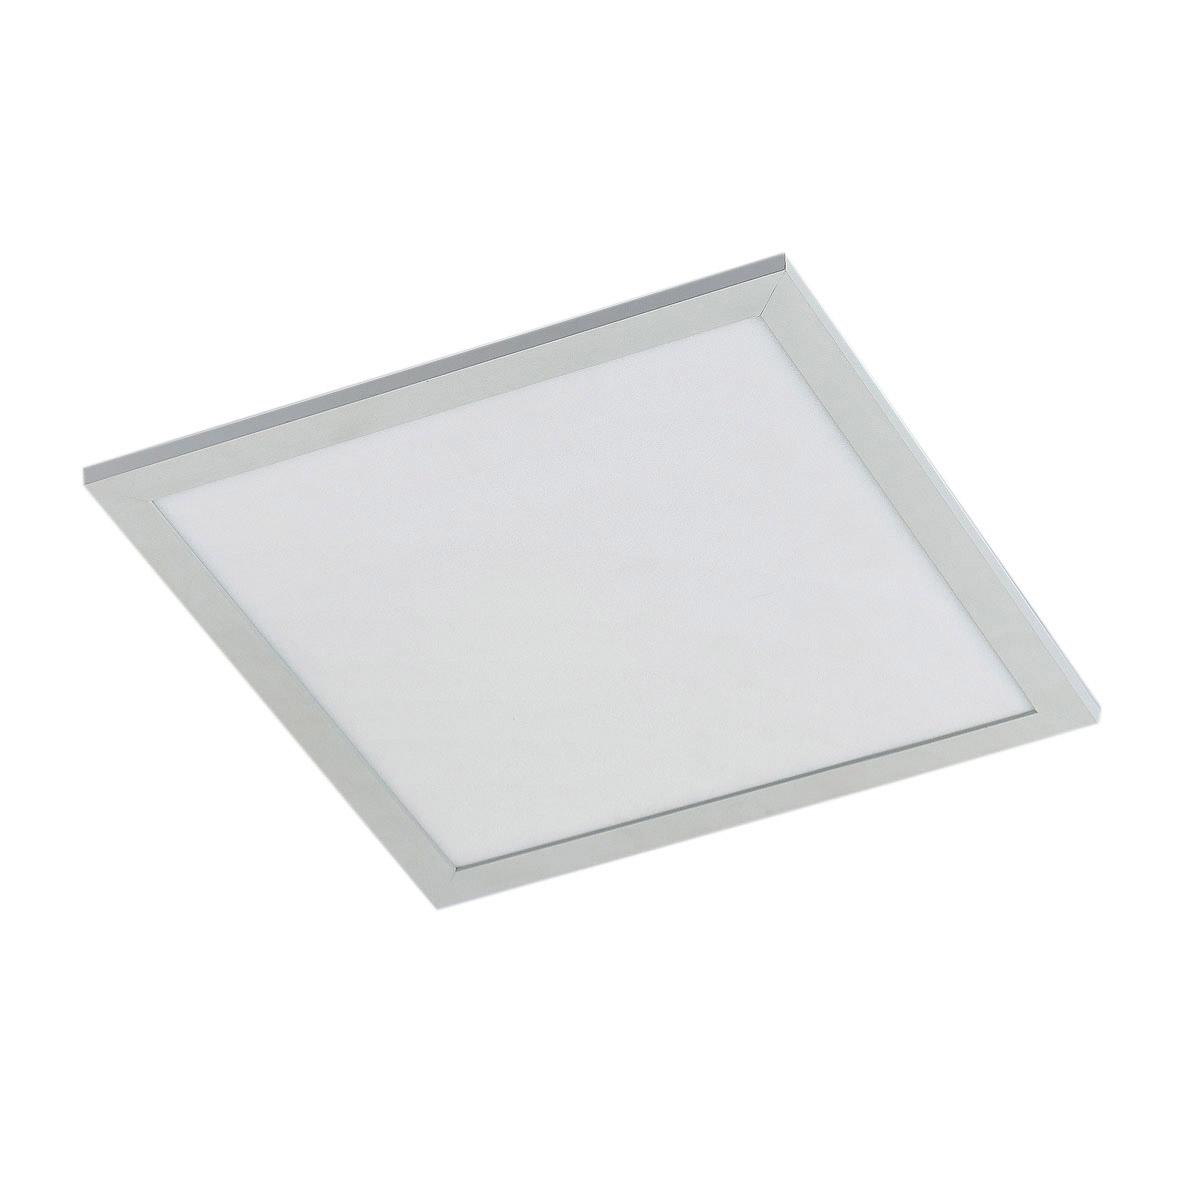 Modern LED-paneel incl. LED en dimmer 39,5 cm - Enja